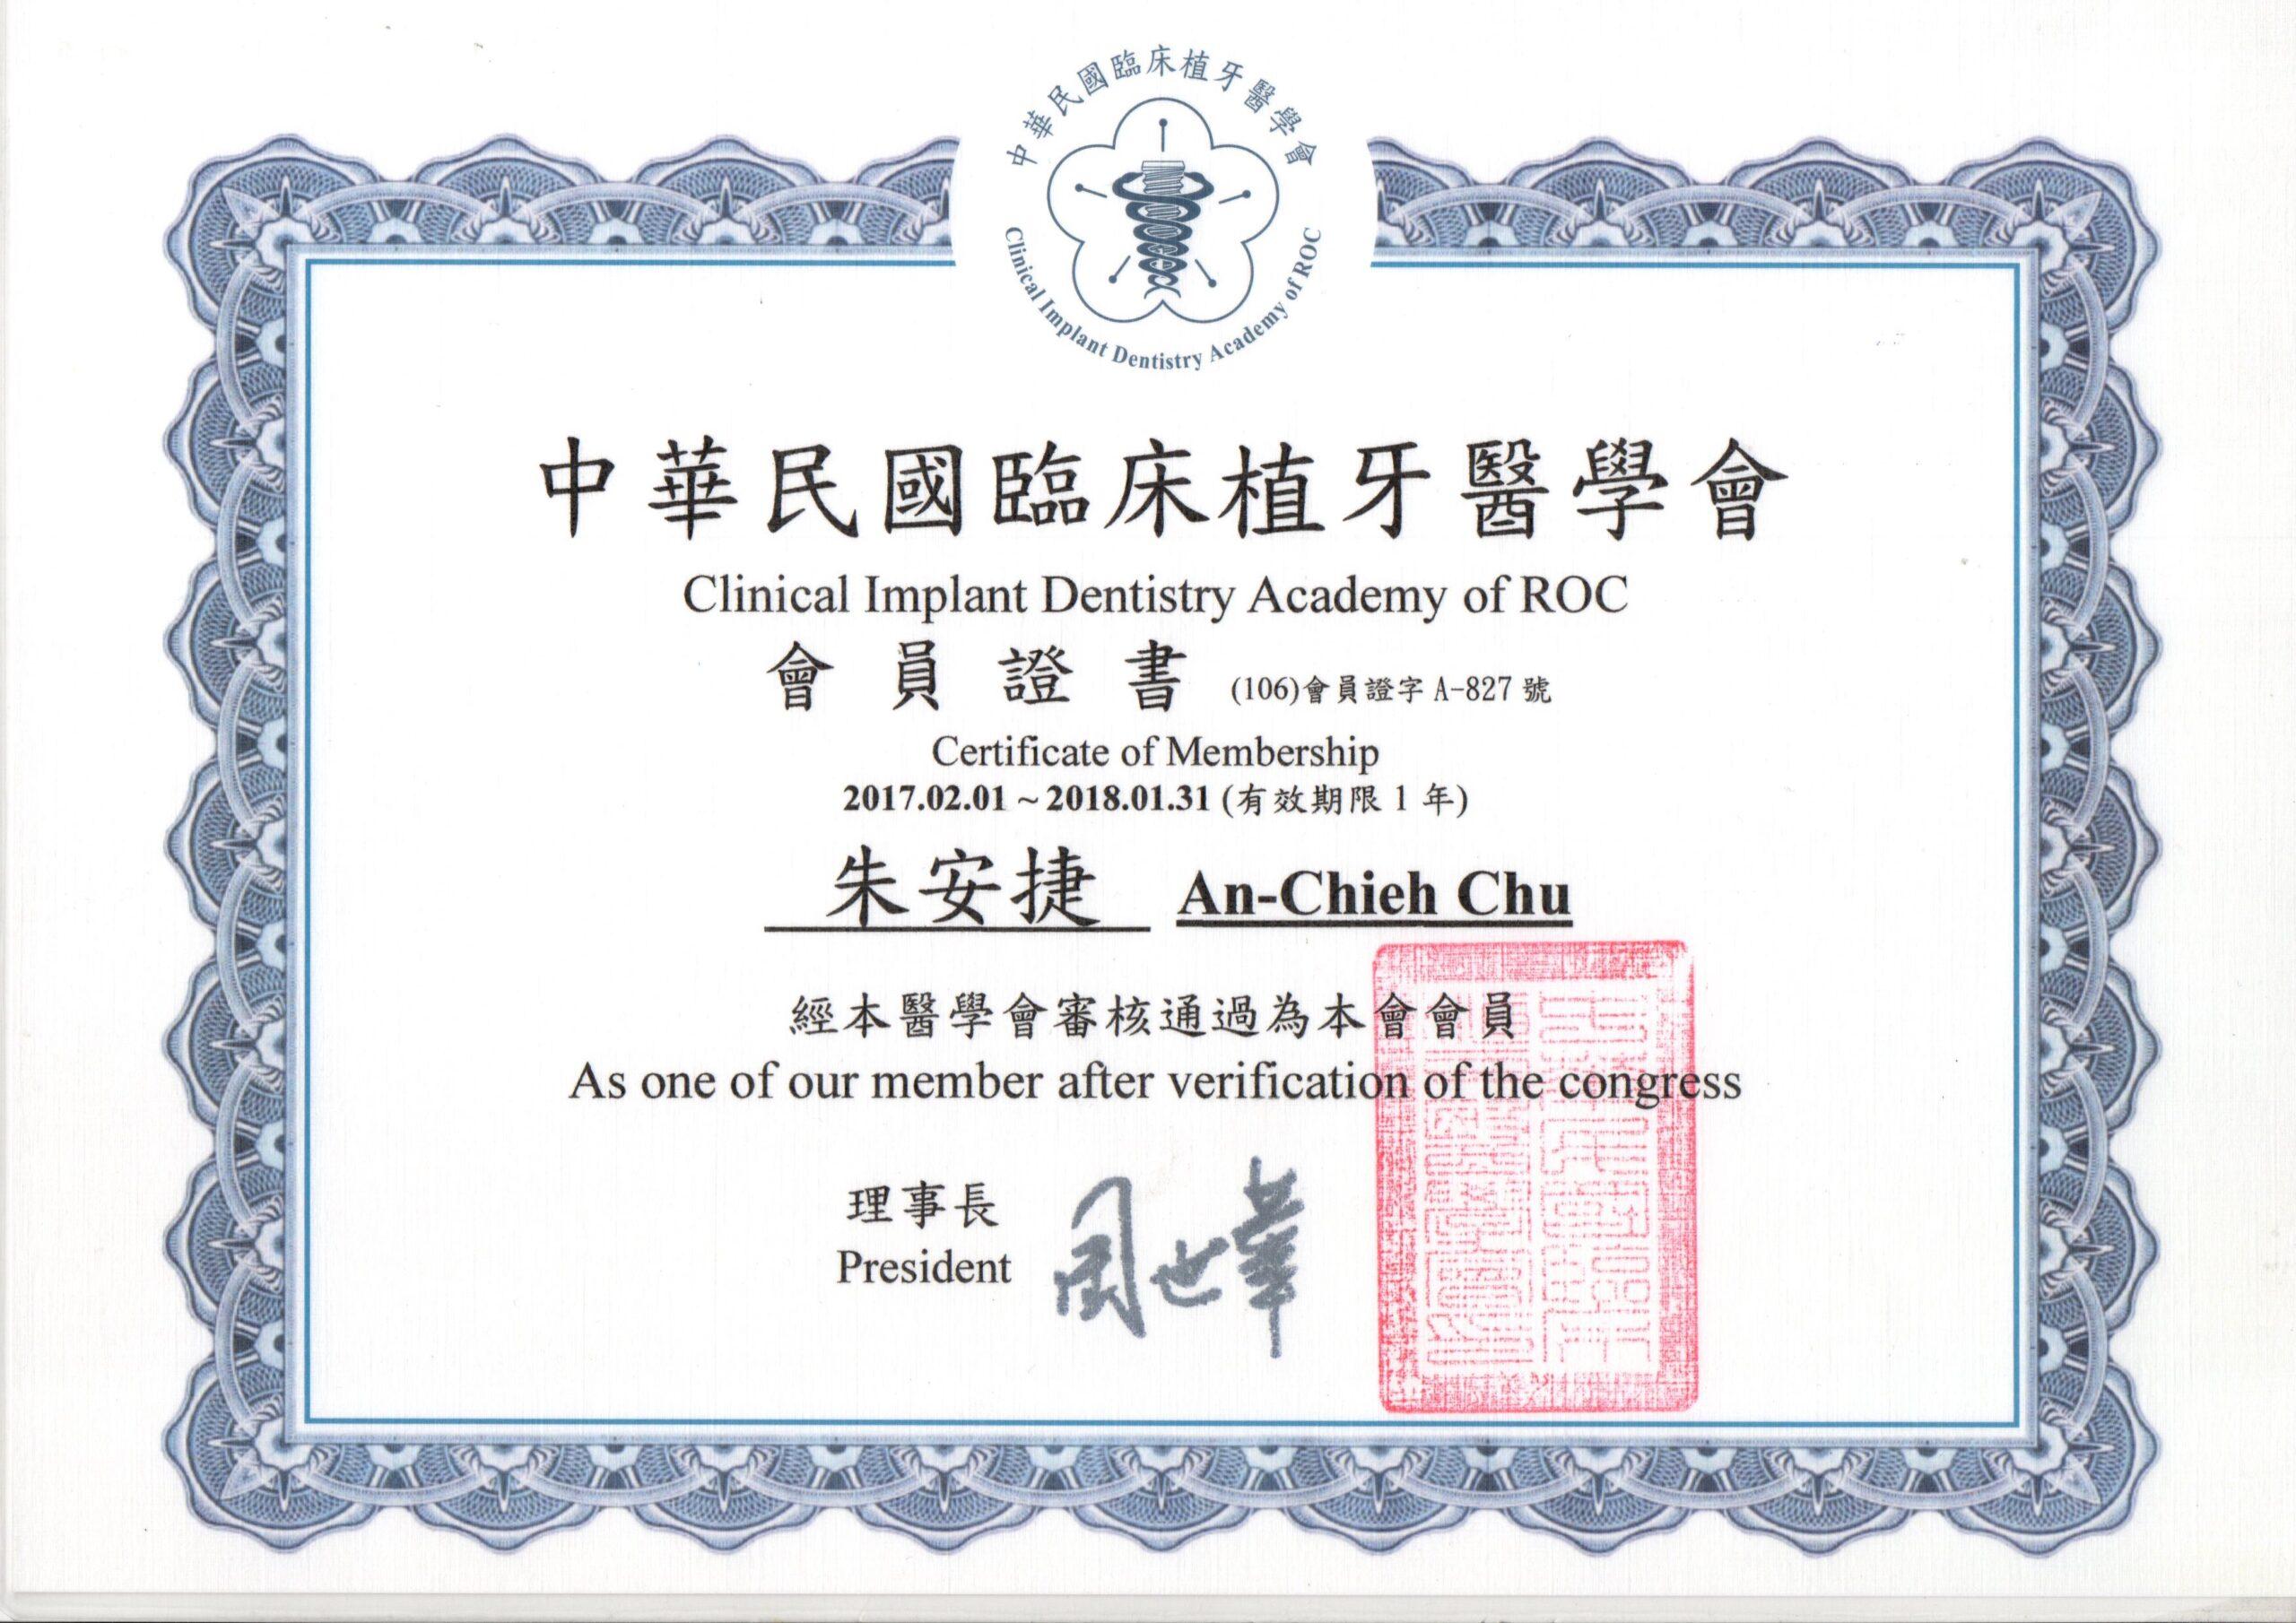 Dr朱-中華民國臨床植牙醫學會證書